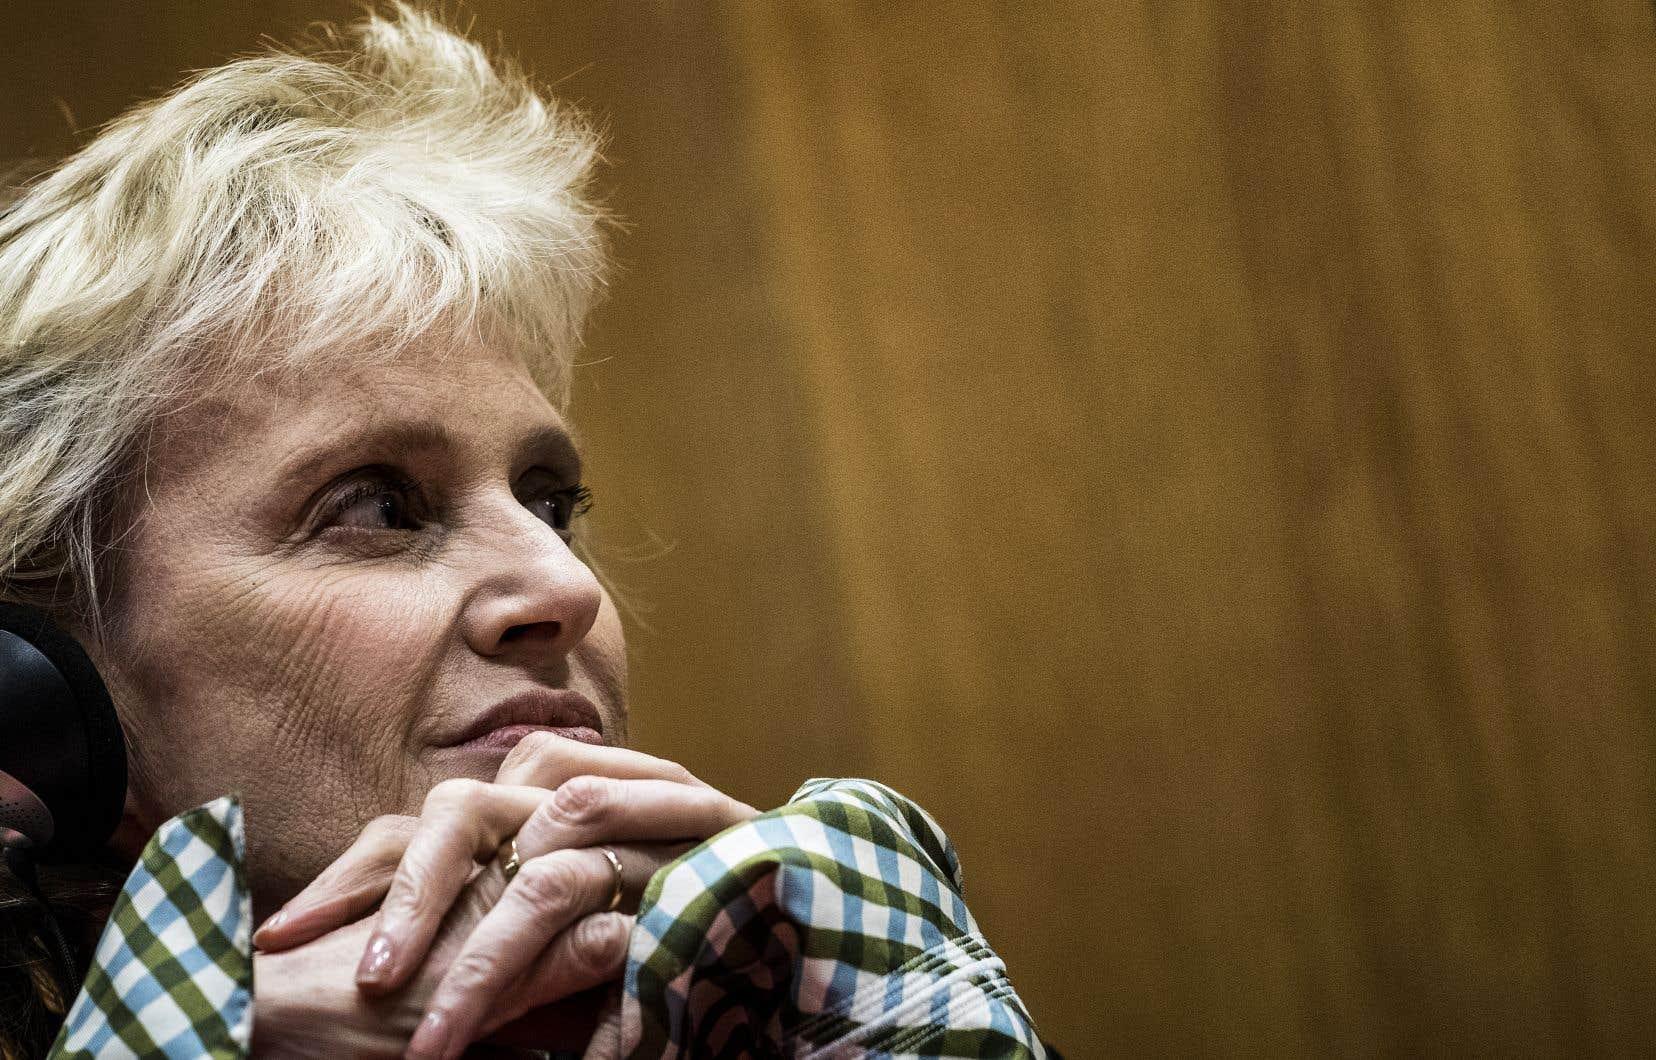 La psychanalyse et les neurosciences sont les sujets de prédilection de l'écrivaine américaine Siri Hustvedt.